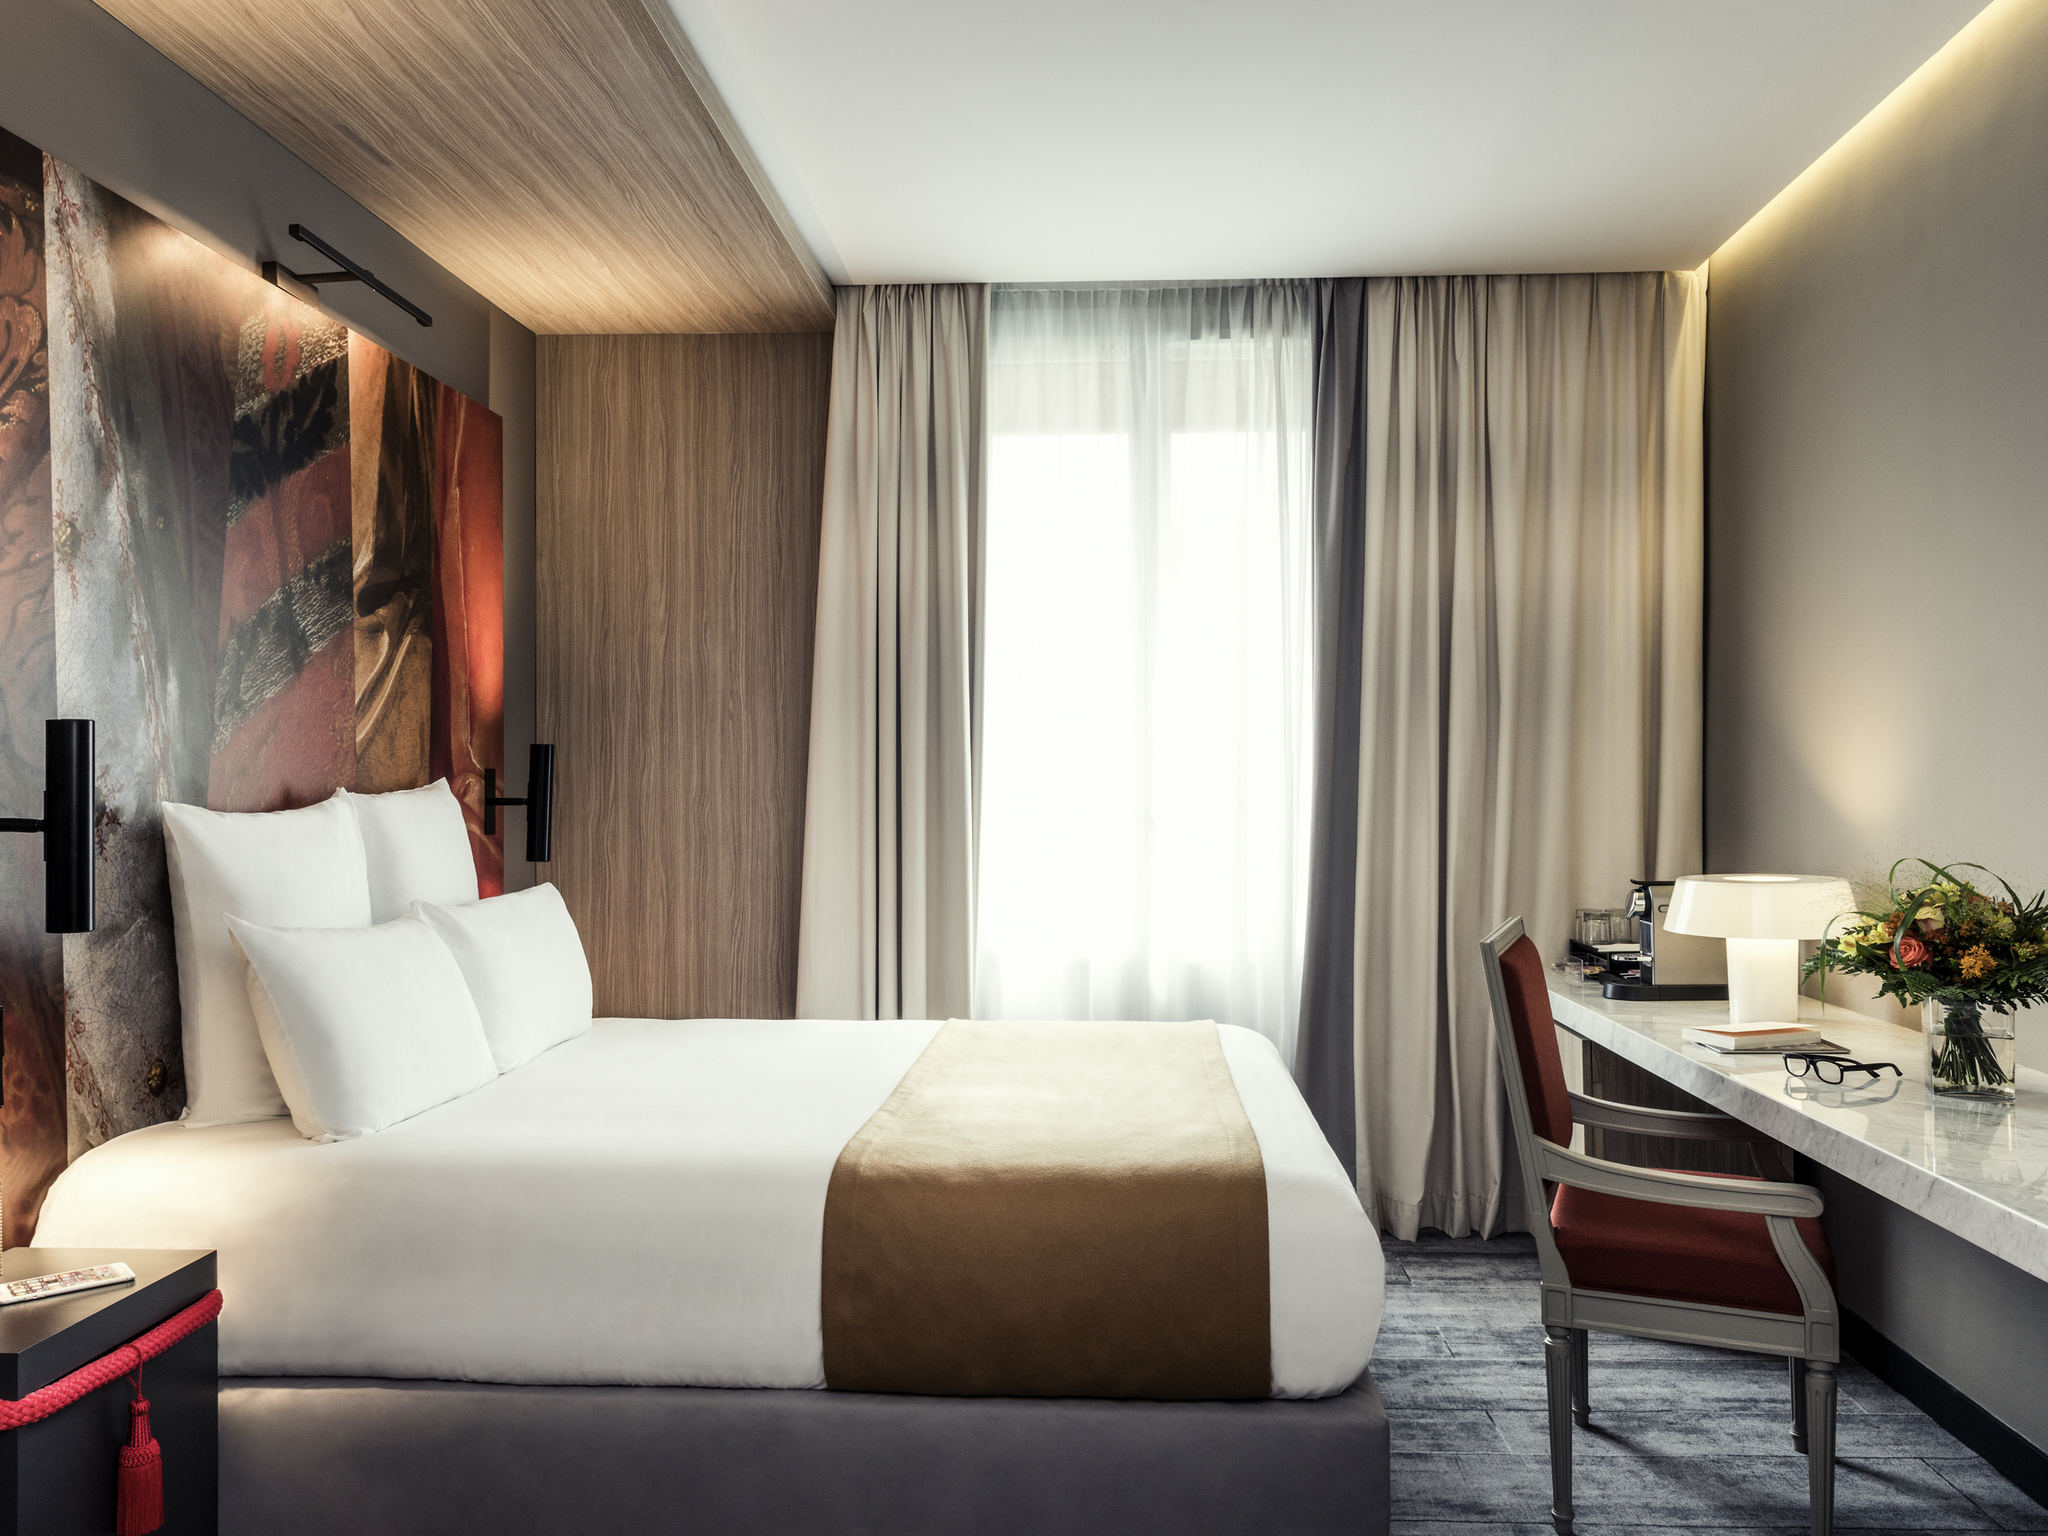 호텔 – 머큐어 파리 알레시아 호텔